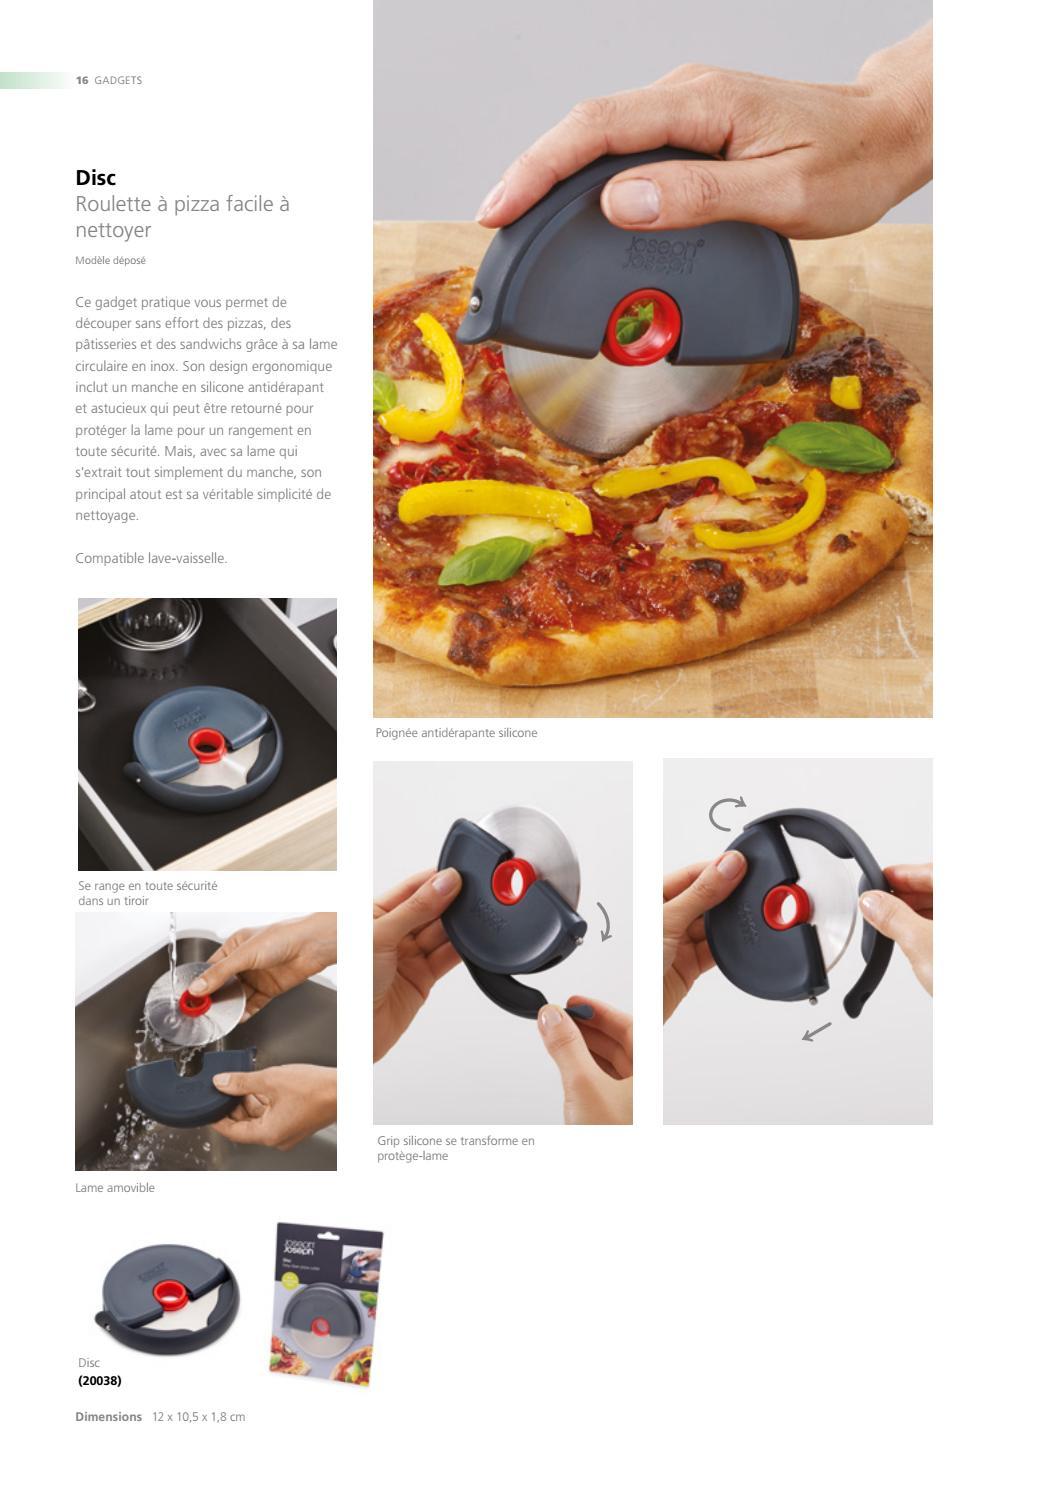 Joseph Joseph Disc facile à nettoyer Roulette pizza gris rouge